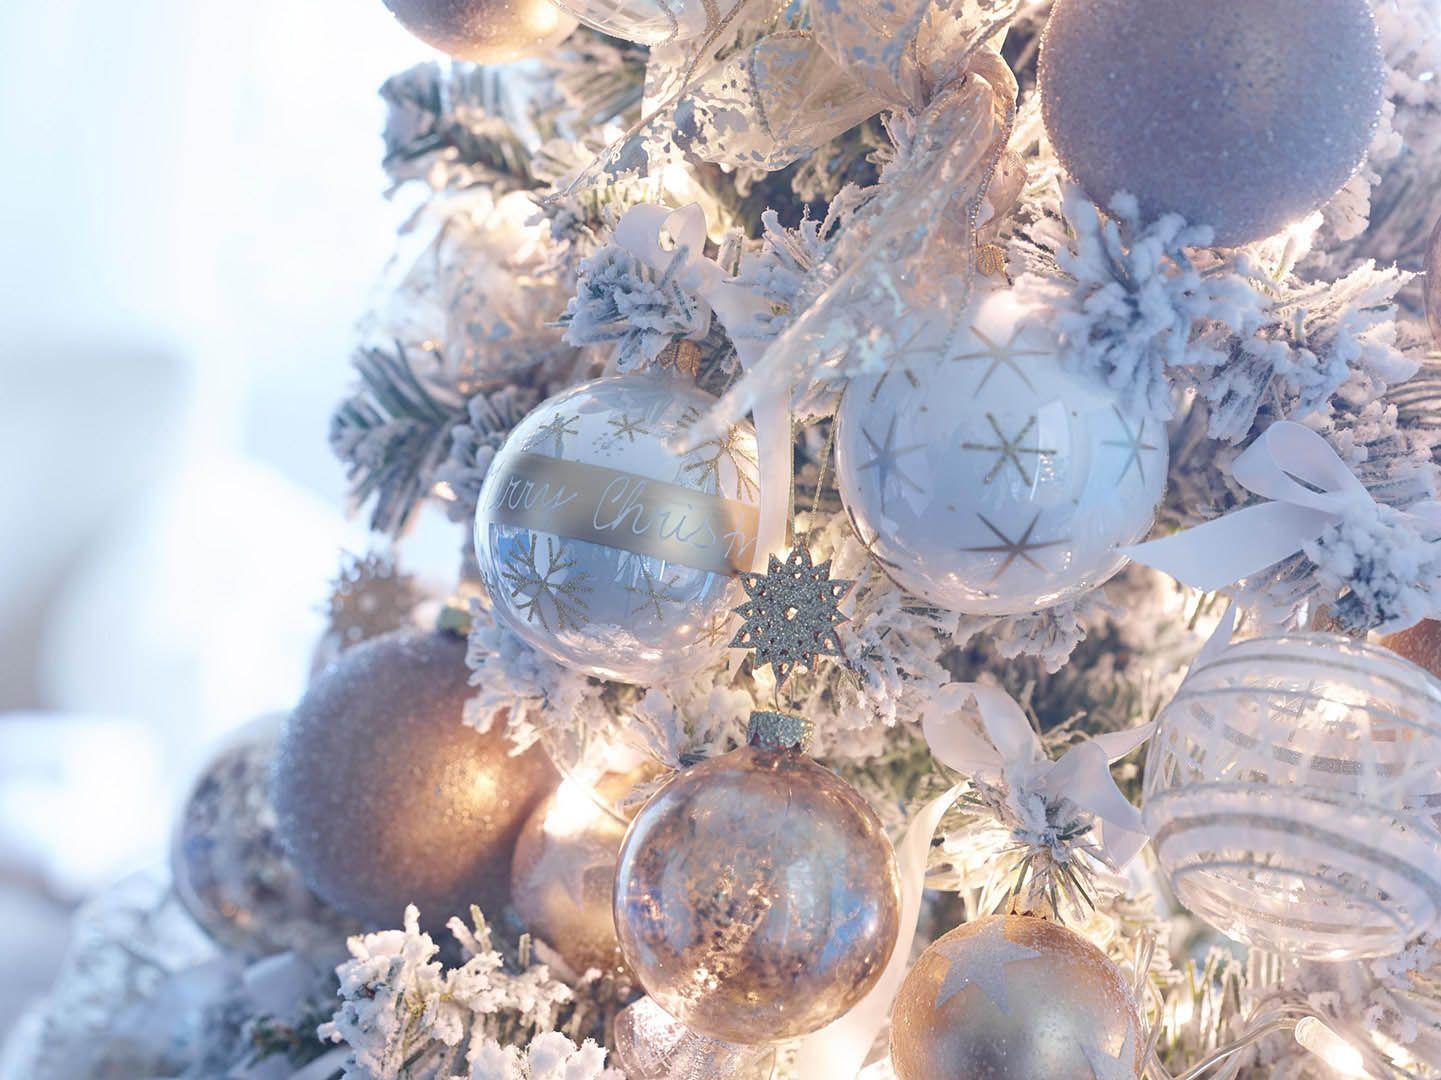 Depot Weihnachtskugeln.Depot Christbaumkugeln Weihnachtsschmuck Weiss Silber Gold Articus